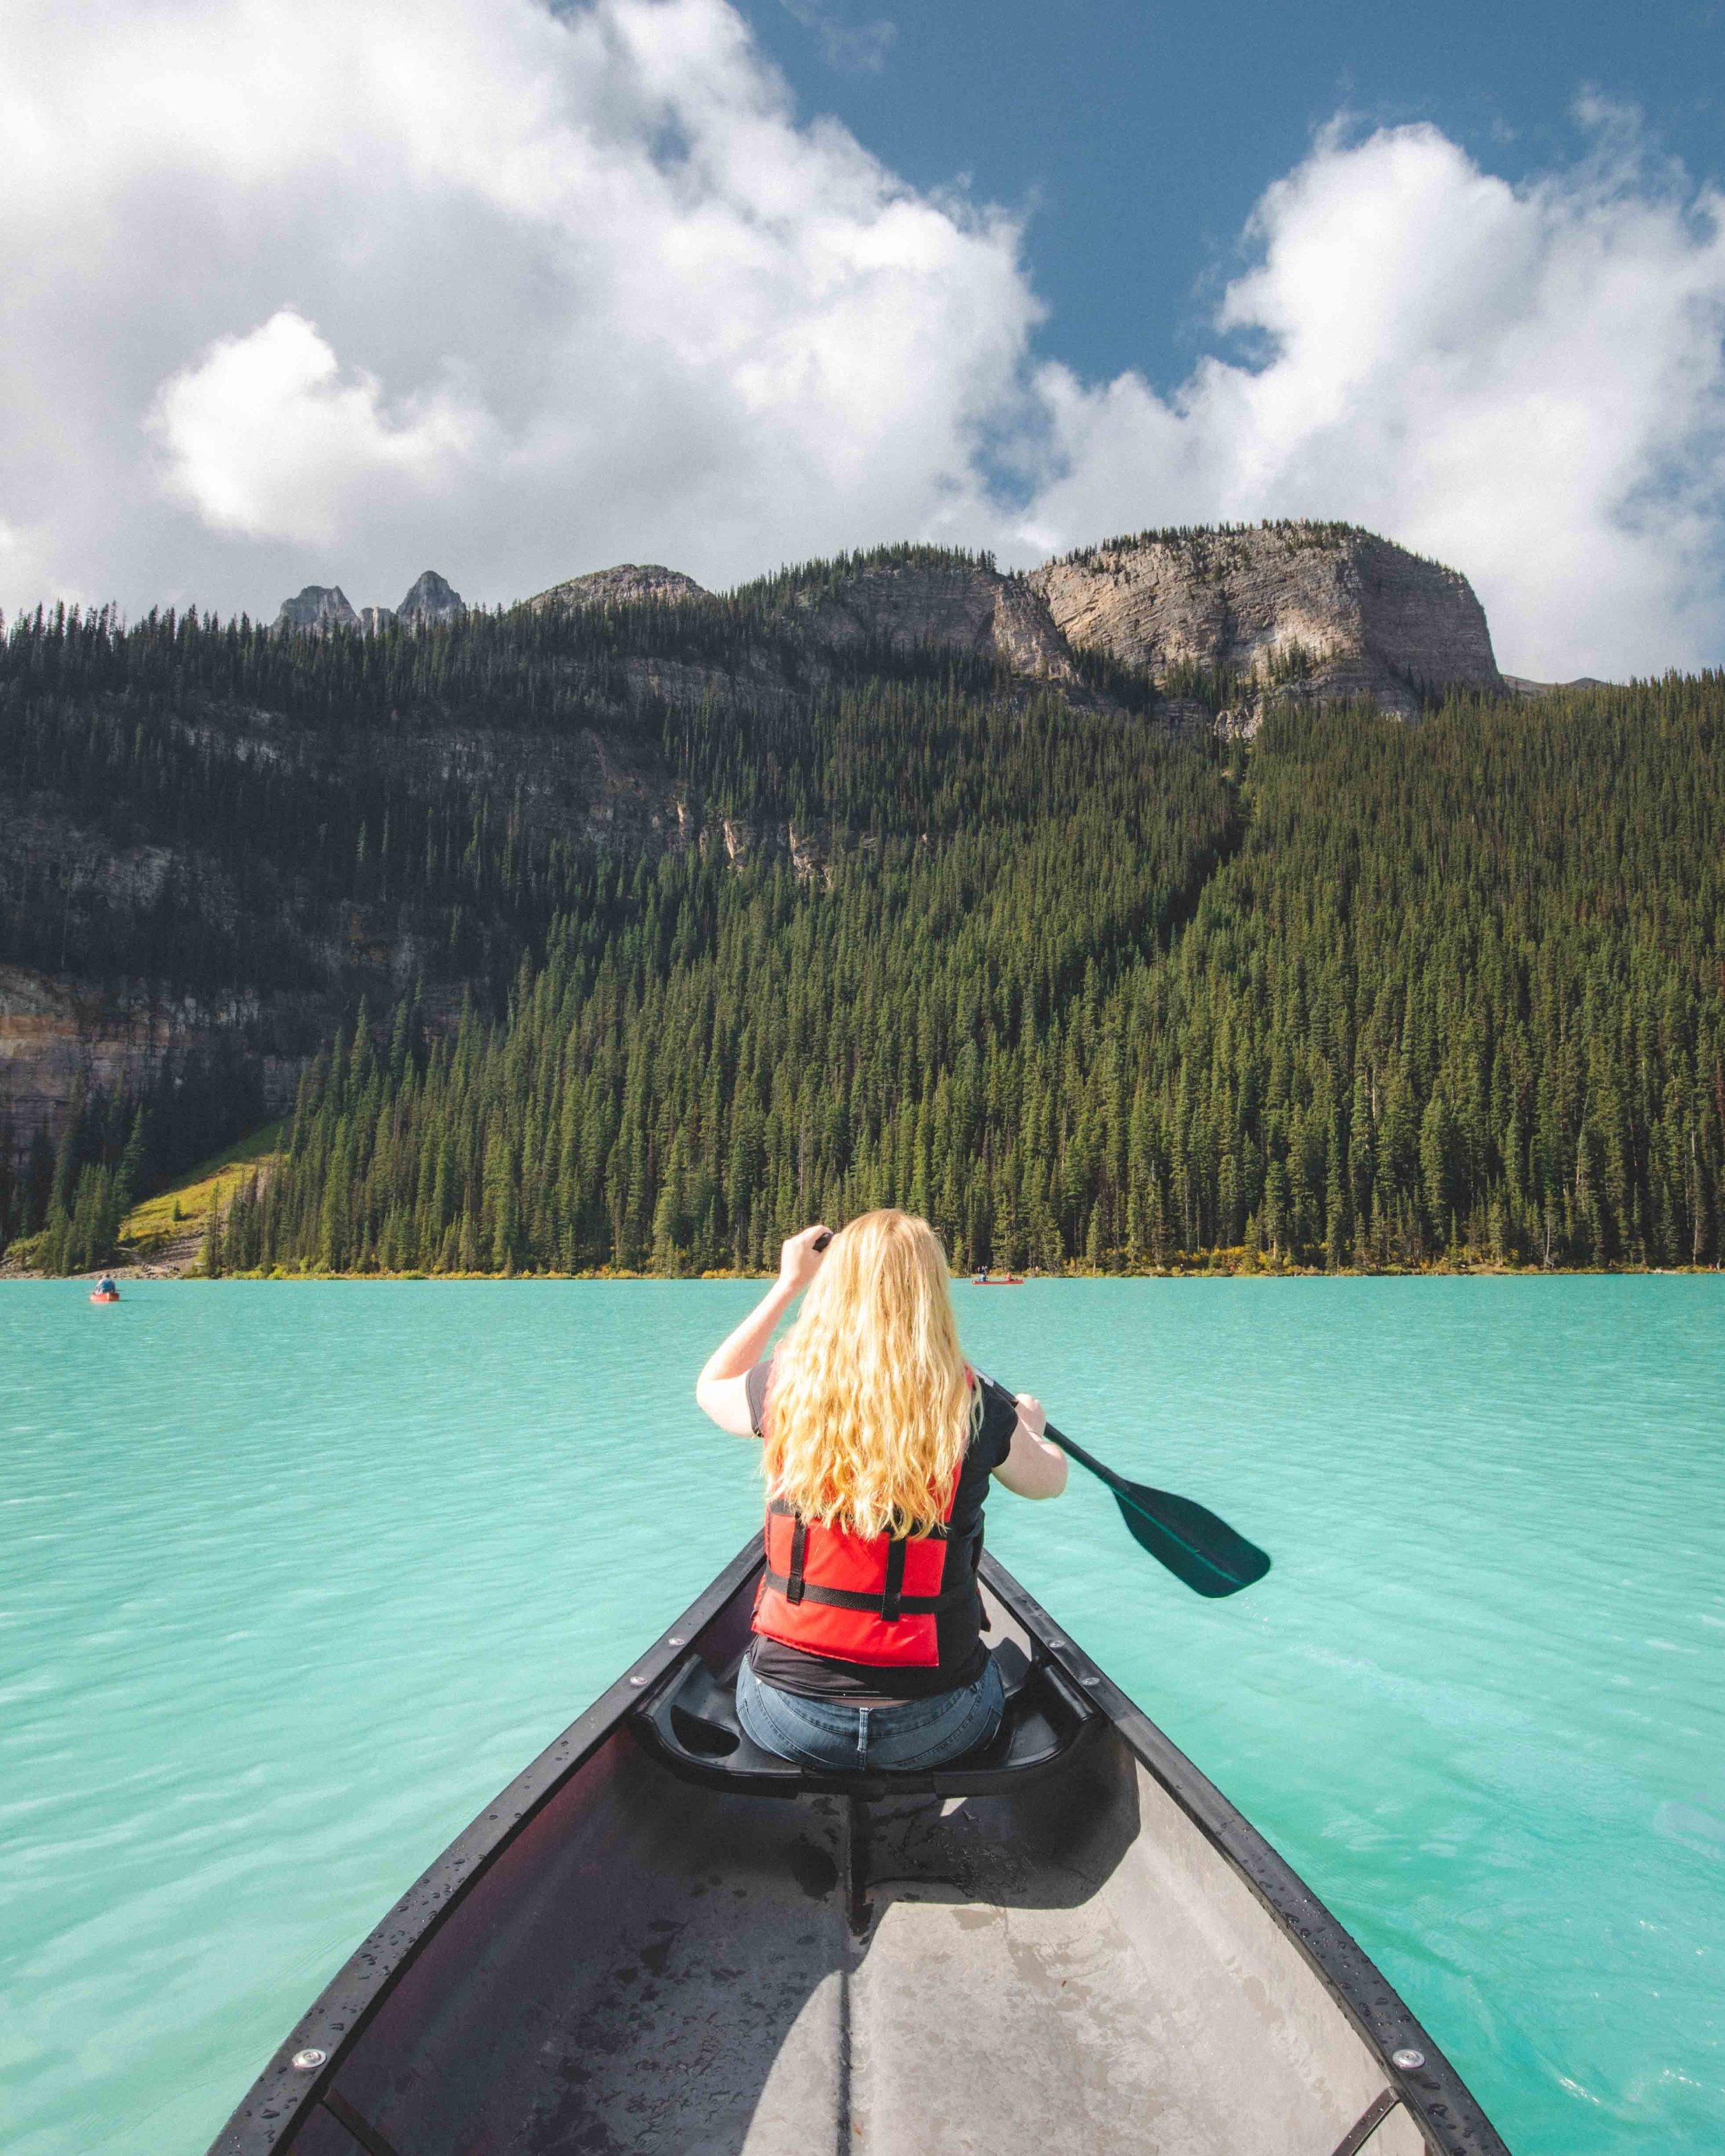 Canoeing Lake Louise - Things to do in Lake Louise